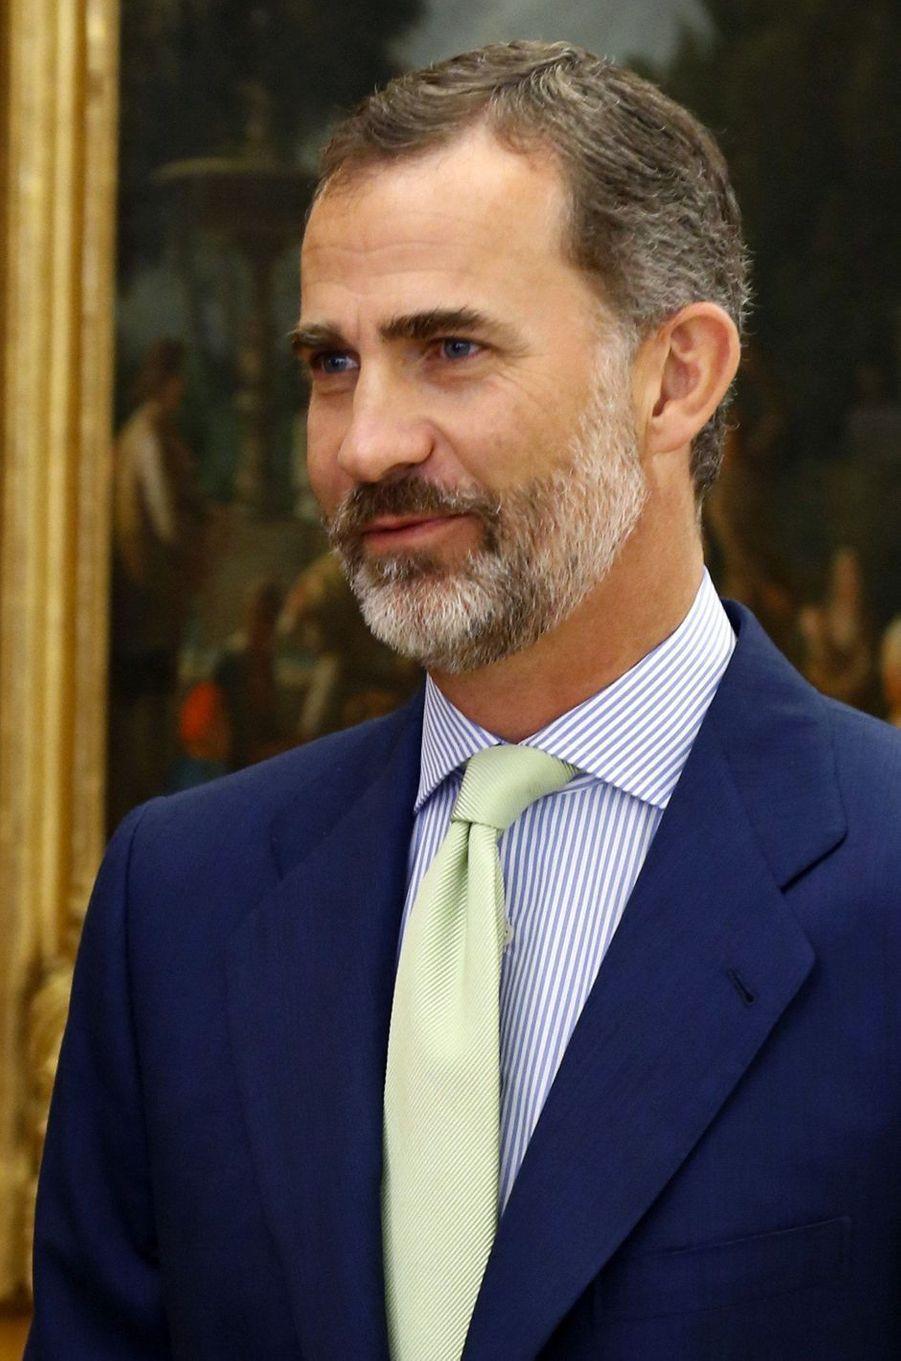 C'est la surprise royale de cette rentrée. Le roi Felipe VI d'Espagne est apparu pour sa rentrée ce lundi 5 septembre à Madrid arborant à nouveau la barbe.